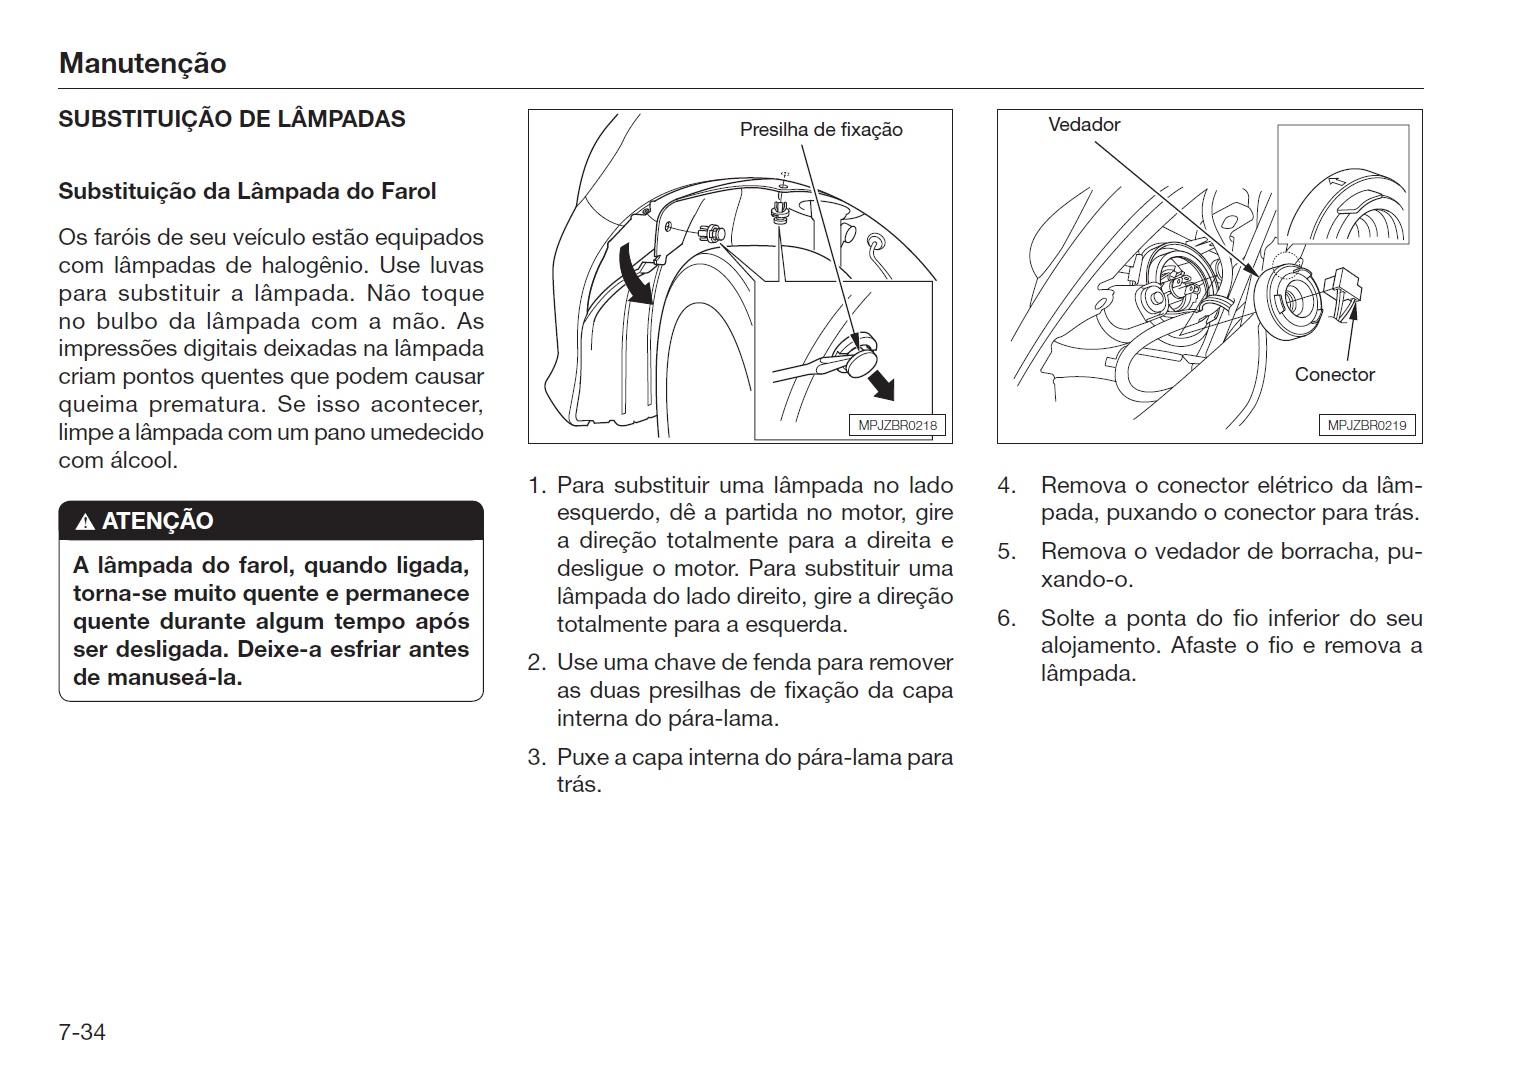 manual honda fit troca de lampada 1